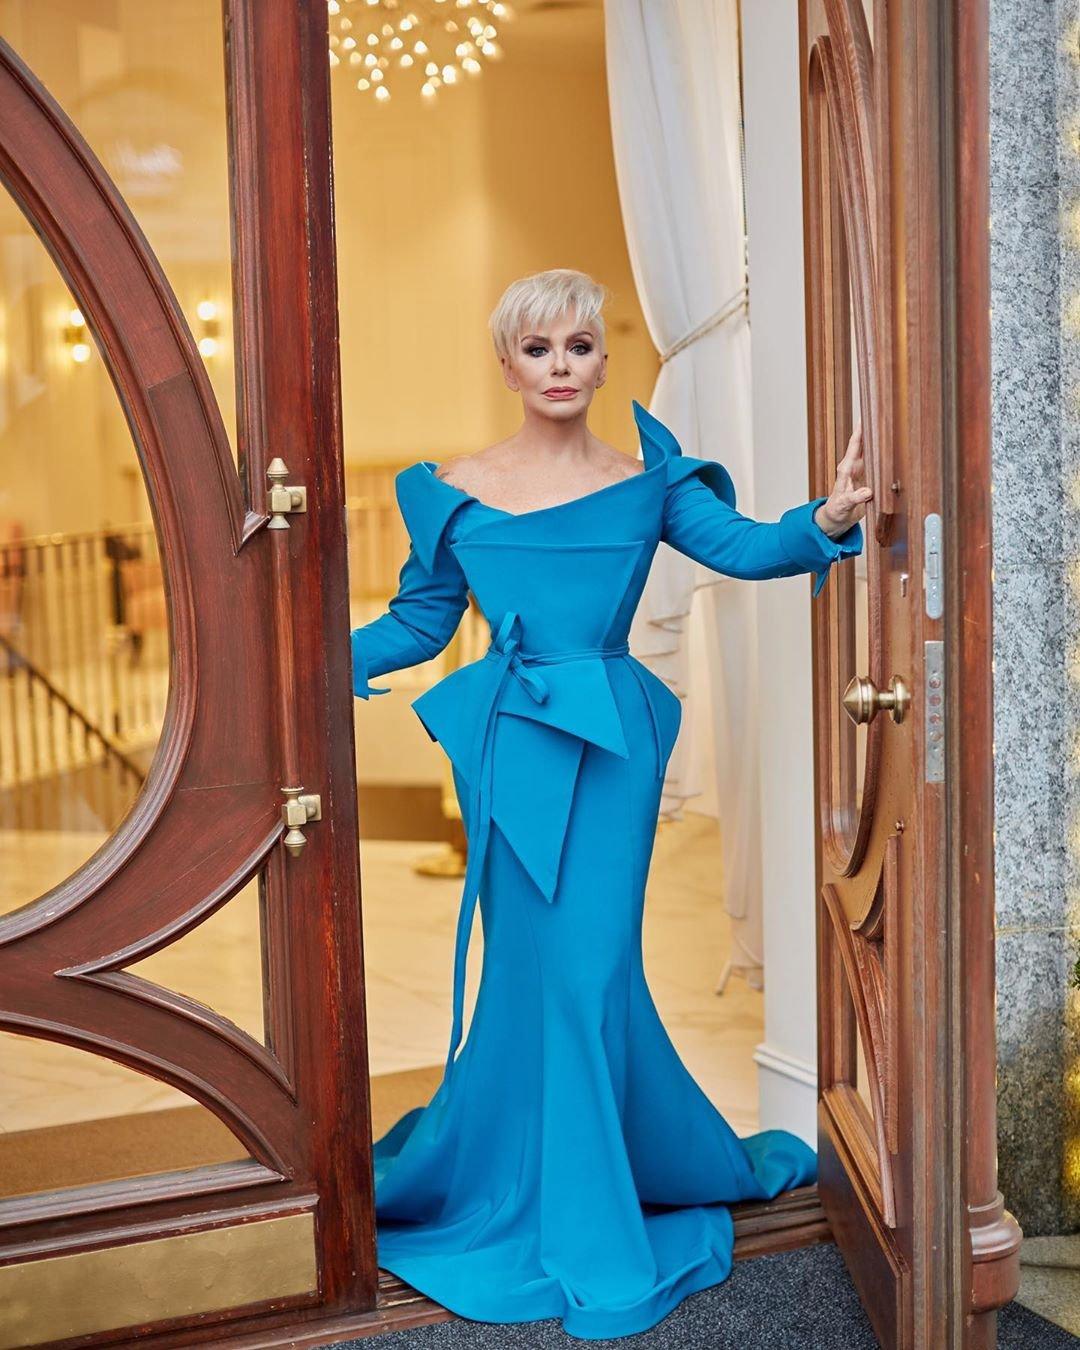 Ирина Понаровская в свои 67 лет поразила поклонников идеальной фигурой